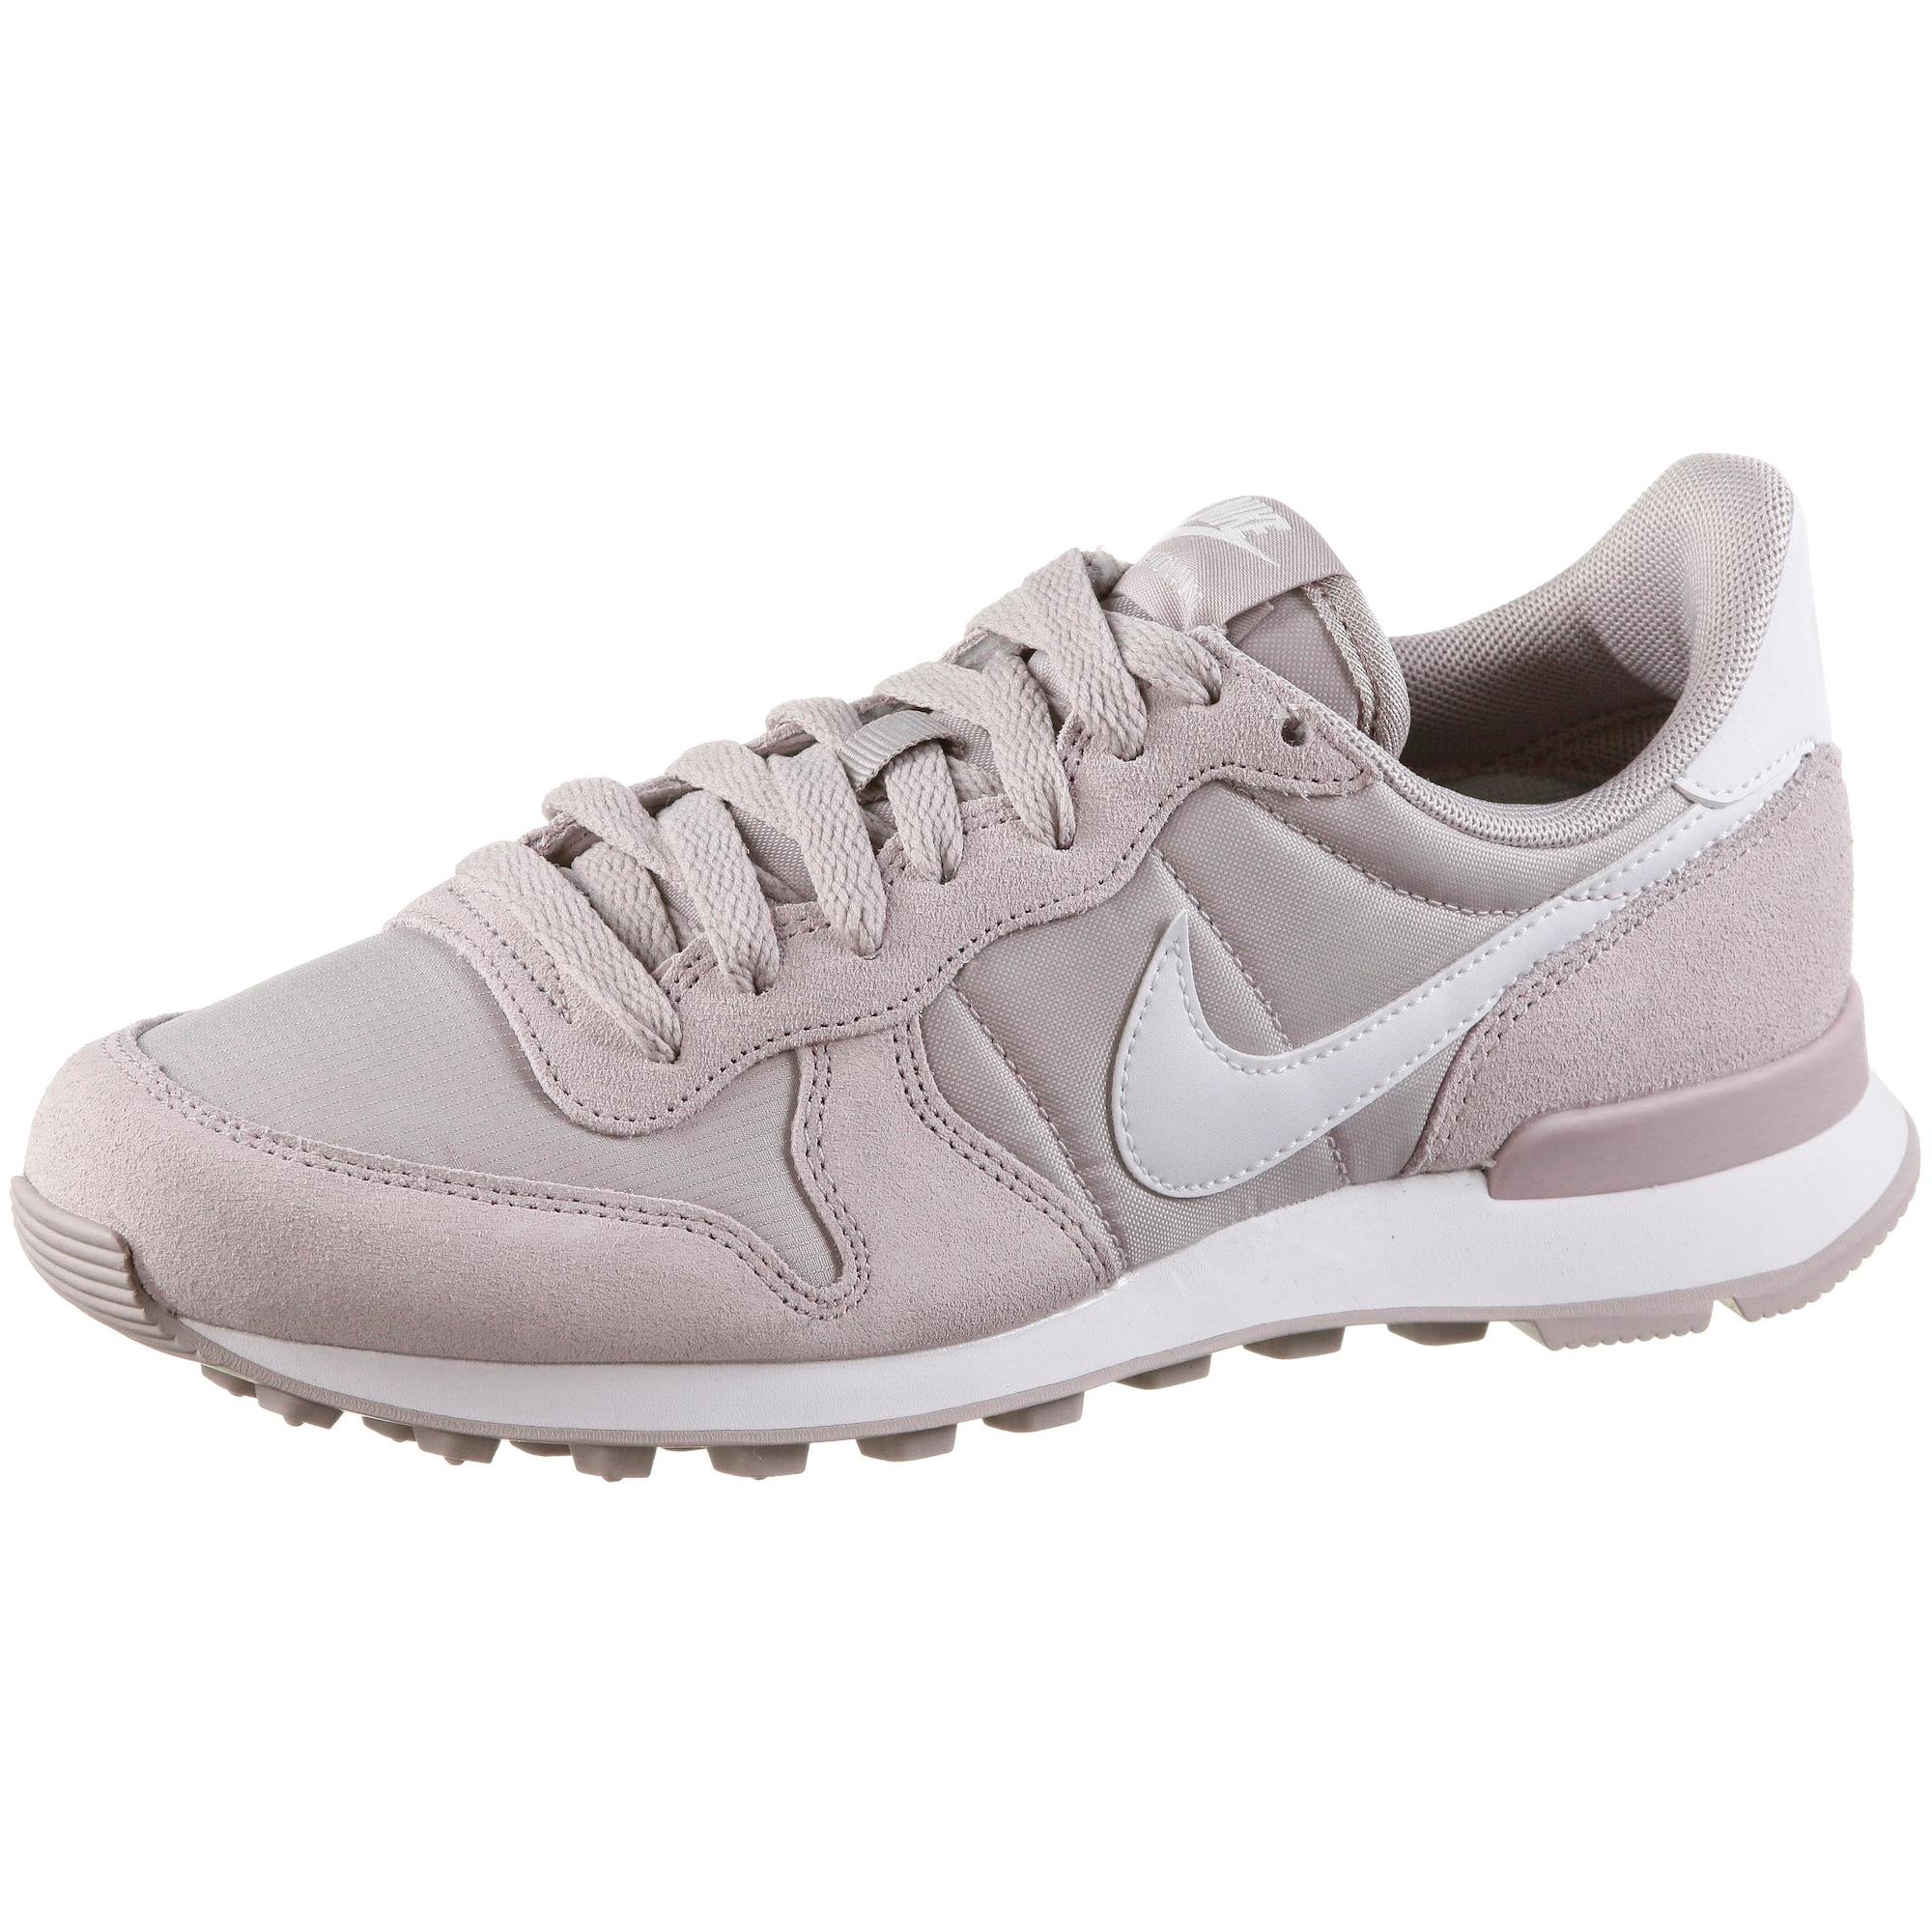 Nike Sportswear, Dames Sneakers laag 'Internationalist', pastellila / wit